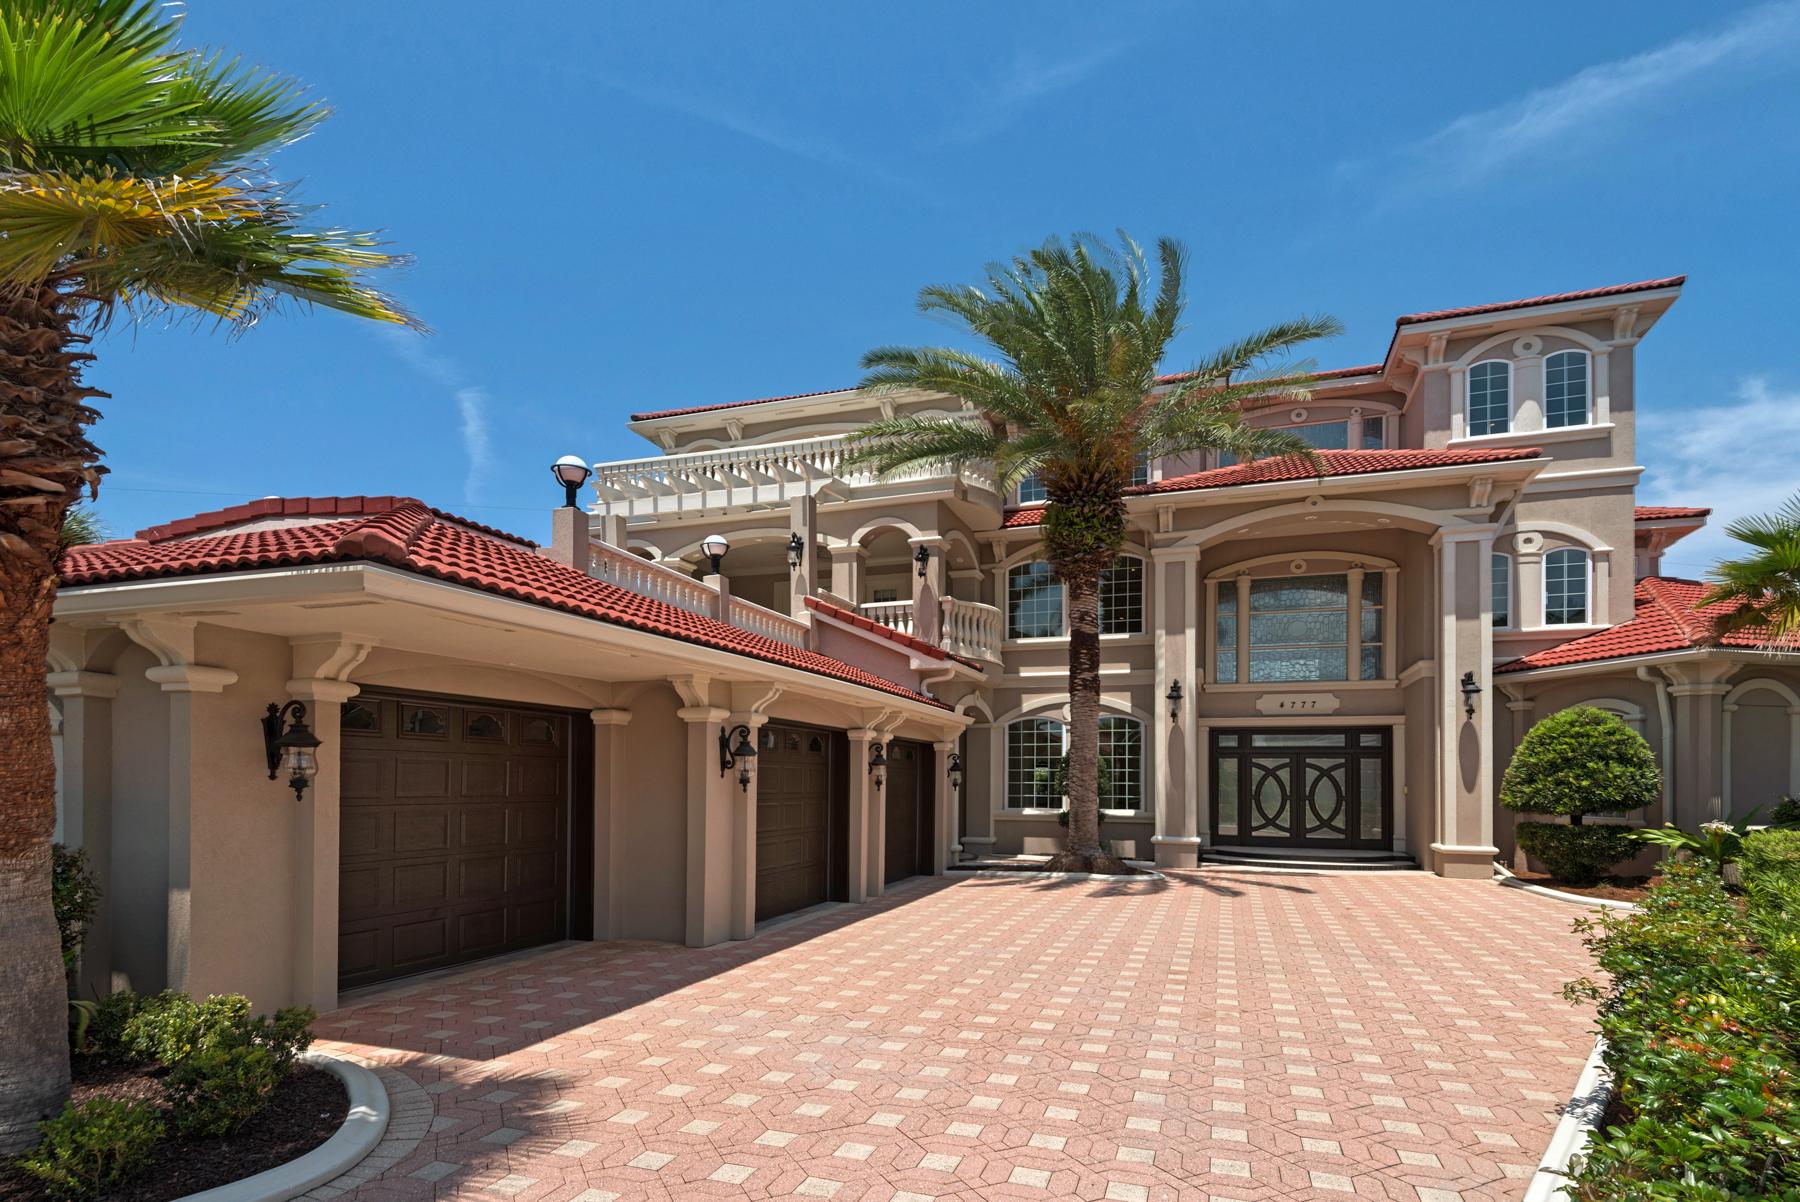 Bella Casa A Destin Getaways Rental Property